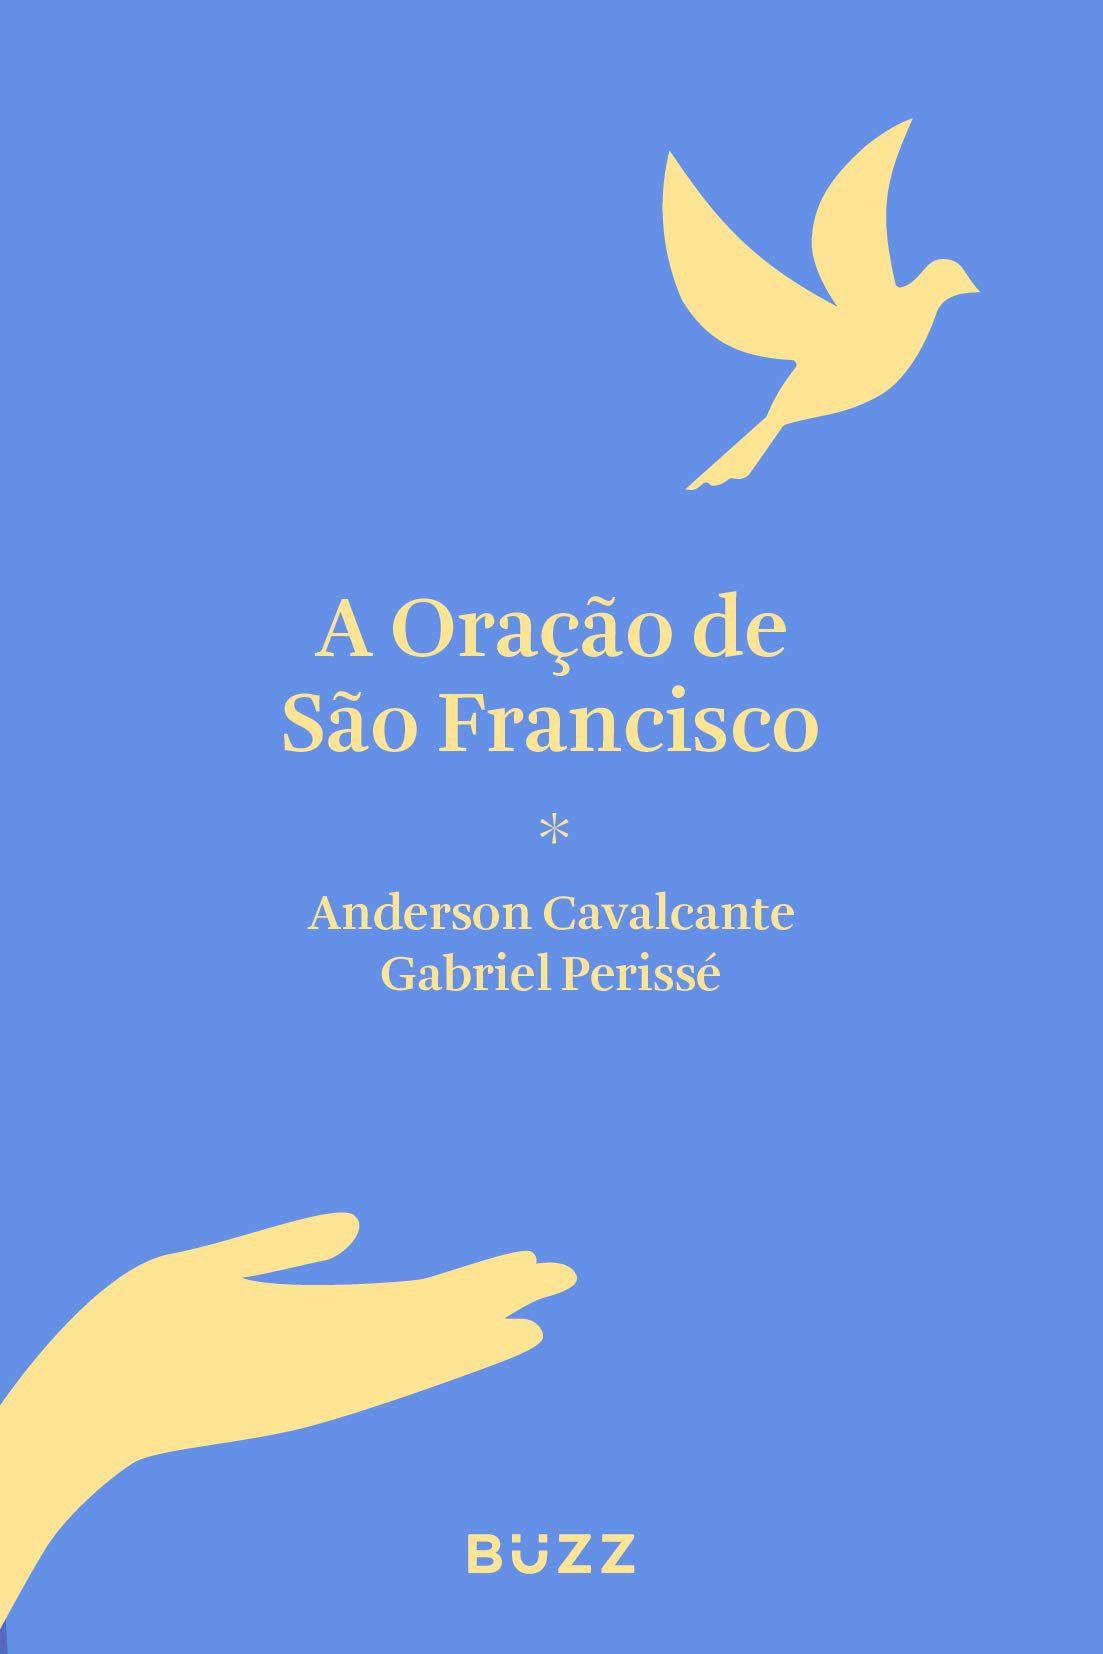 ORACAO DE SAO FRANCISCO, A - (BUZZ)